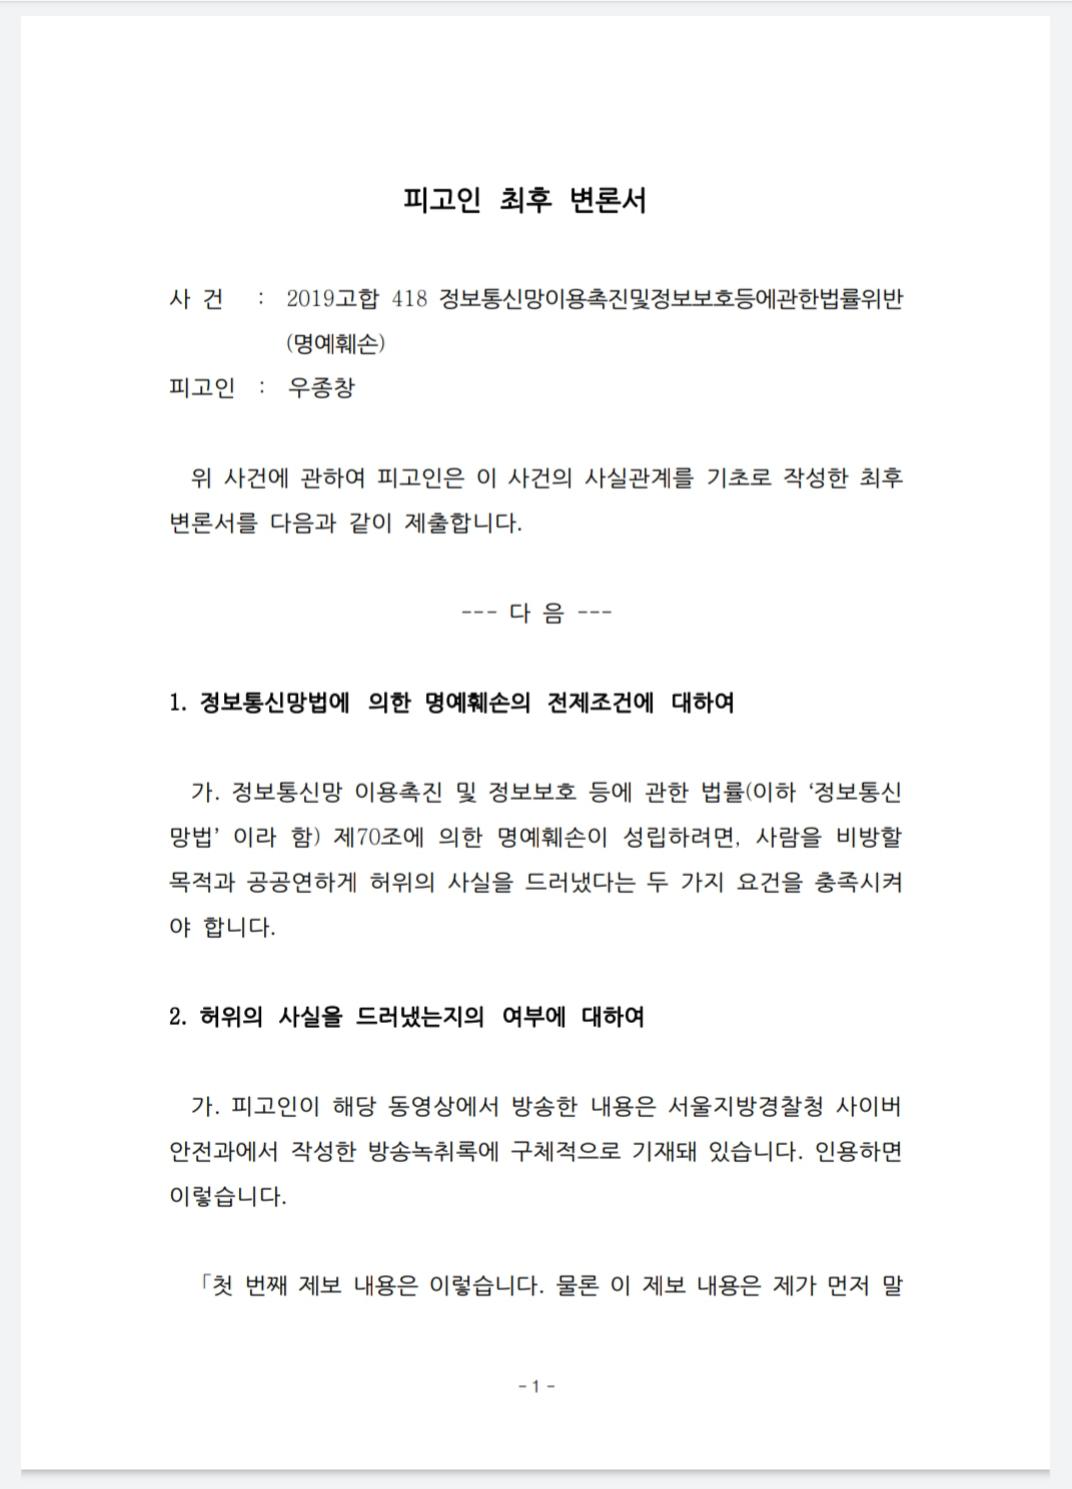 조국 사건 최후 변론서